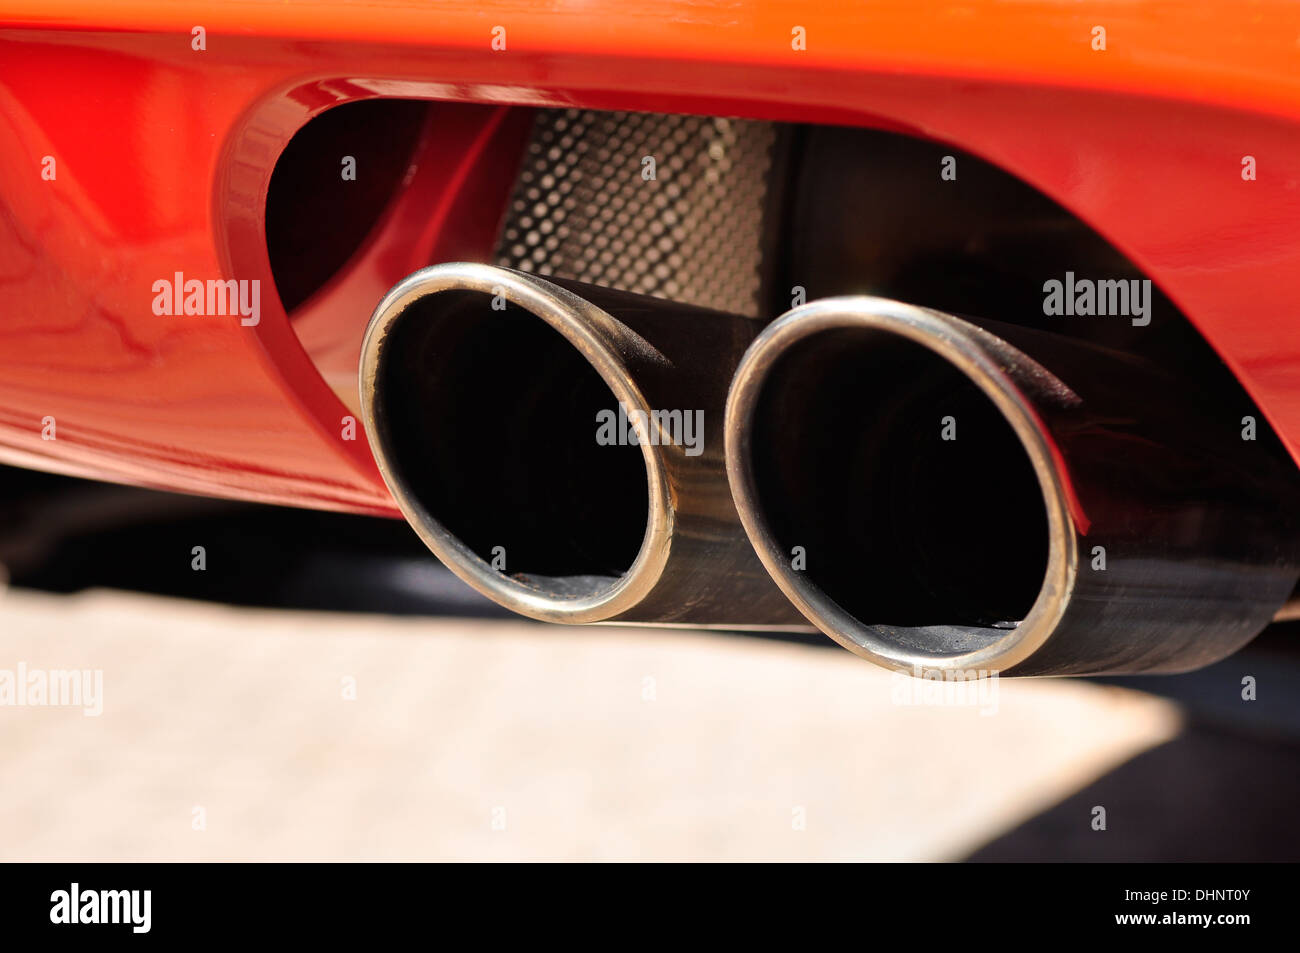 Close up di un automobile rossa doppia tubazione di scarico Immagini Stock